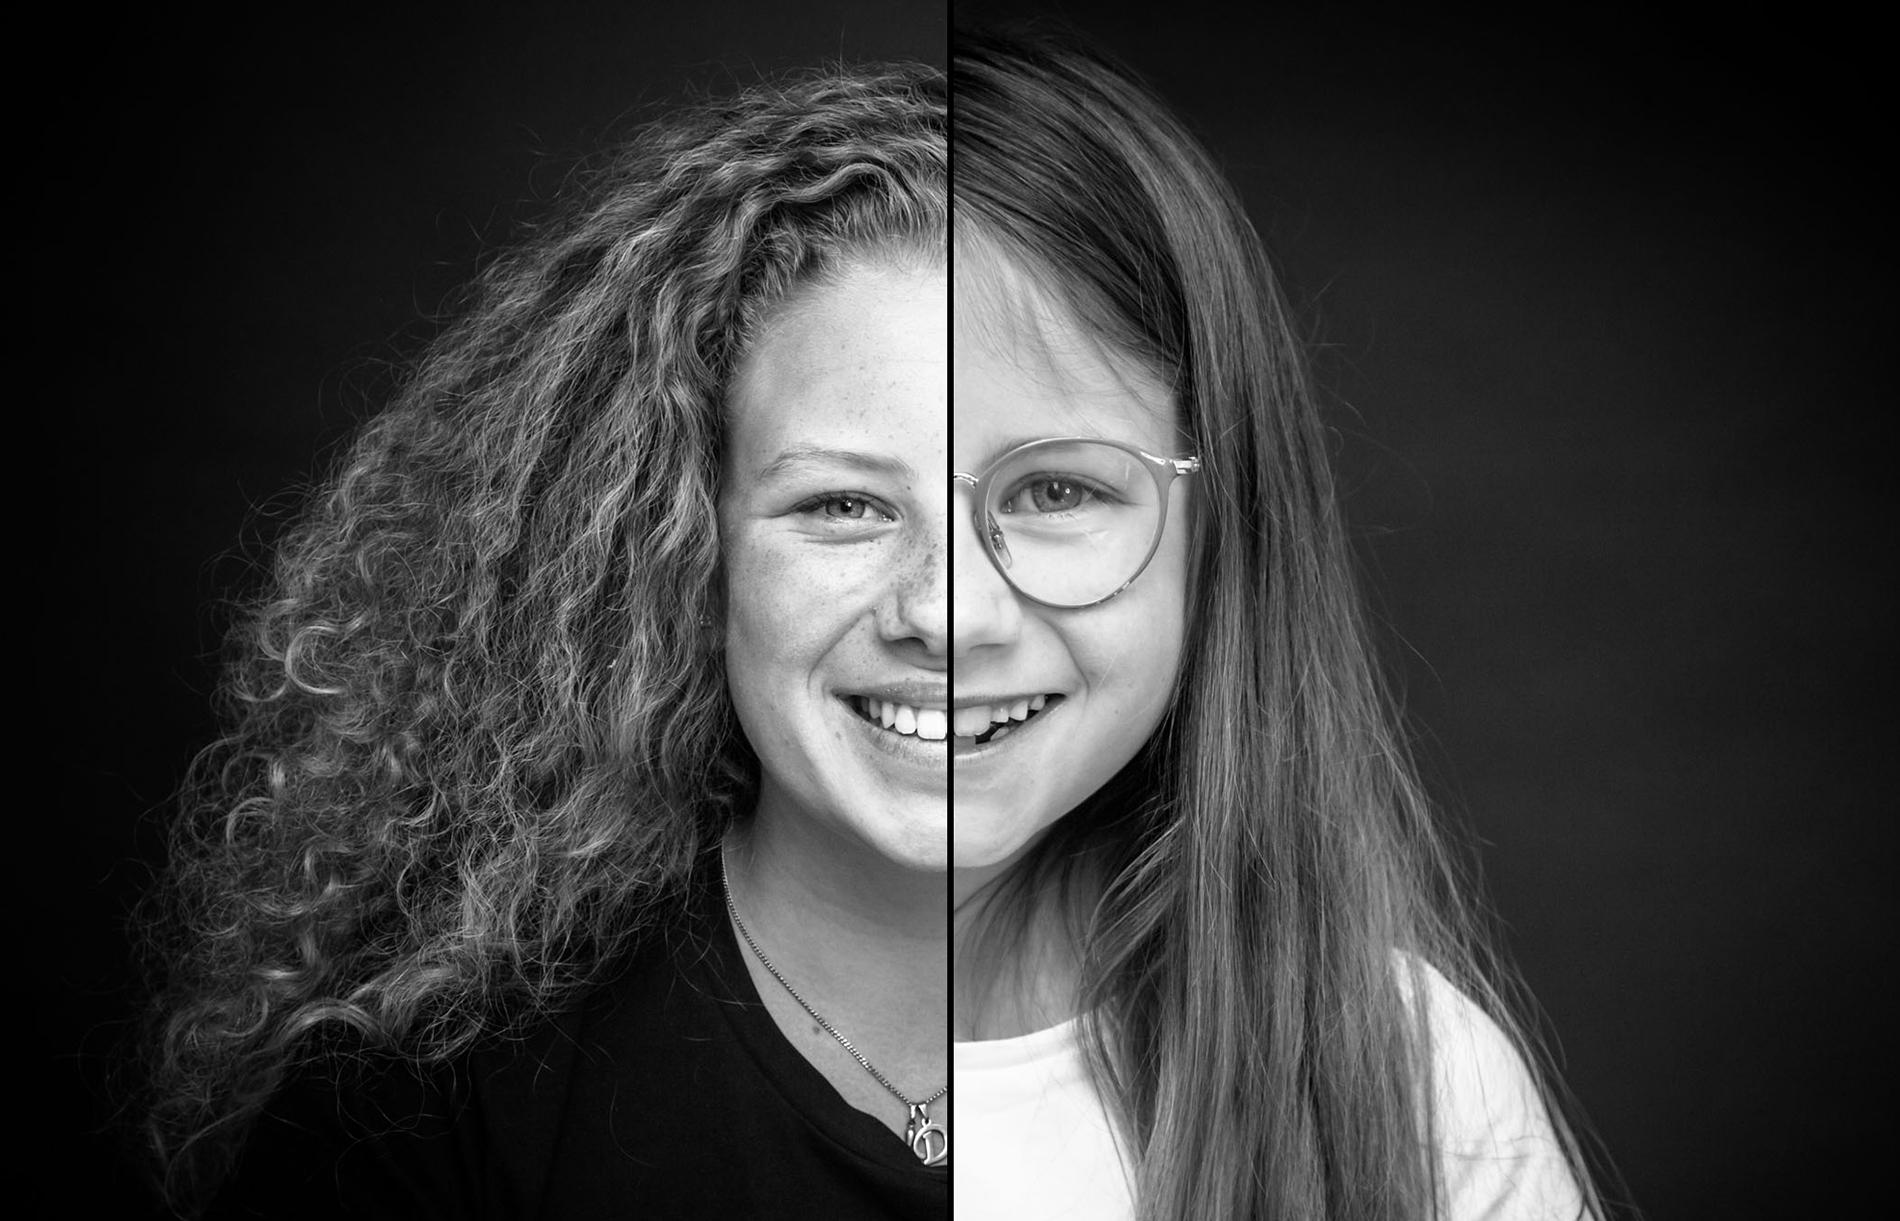 LevensFoto - 2 zielen, 1 gezicht - DUO fotoshoot